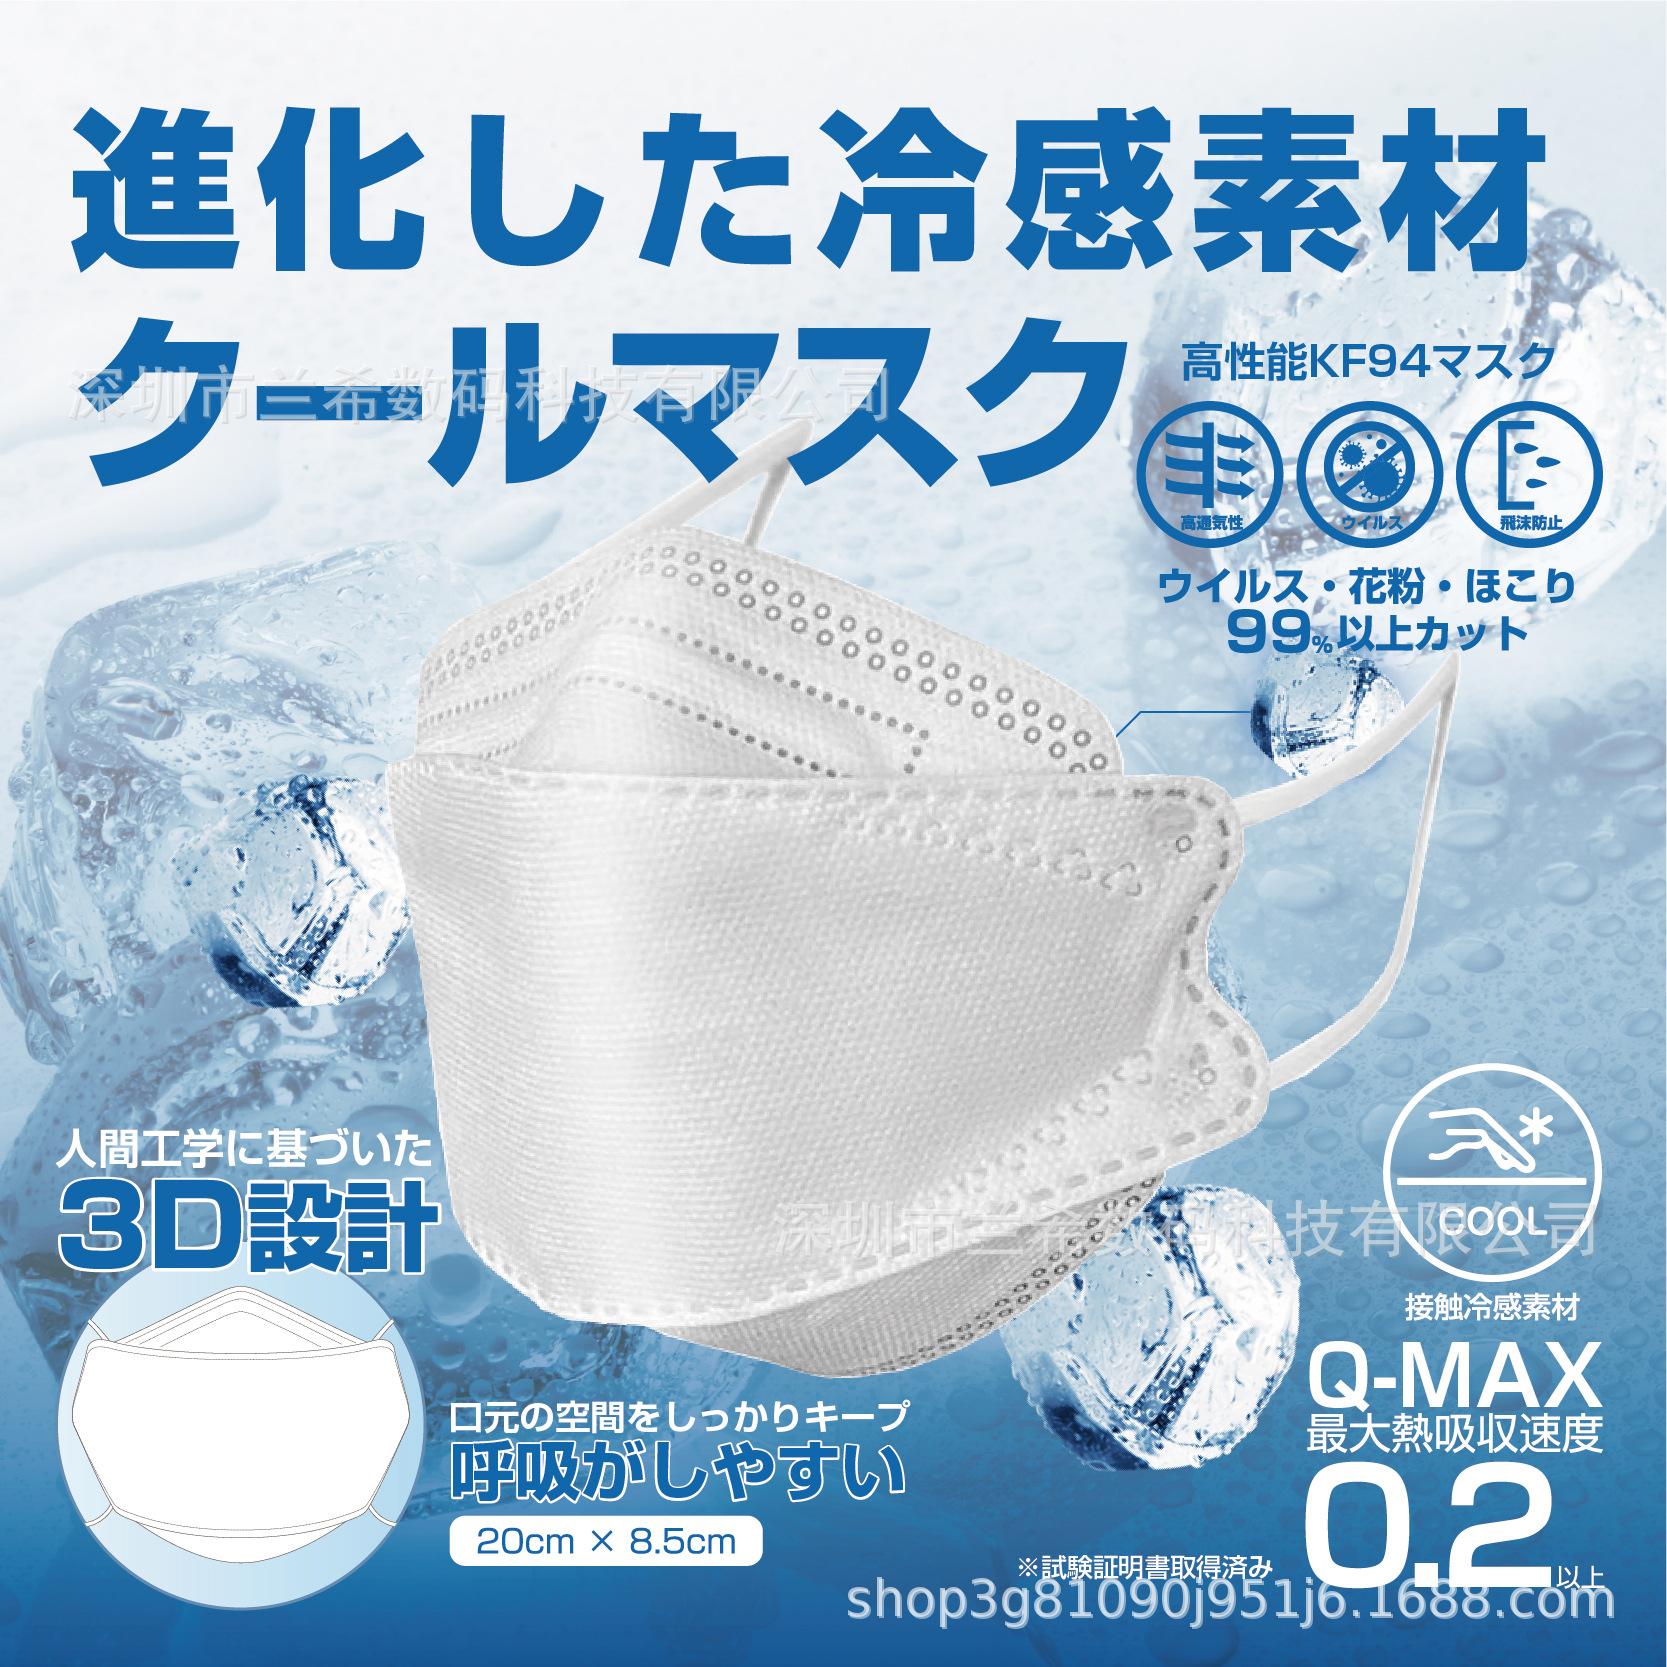 kf94夏季爆款鱼型冷感kn95口罩四层含熔喷布独立包装网红鱼嘴口罩